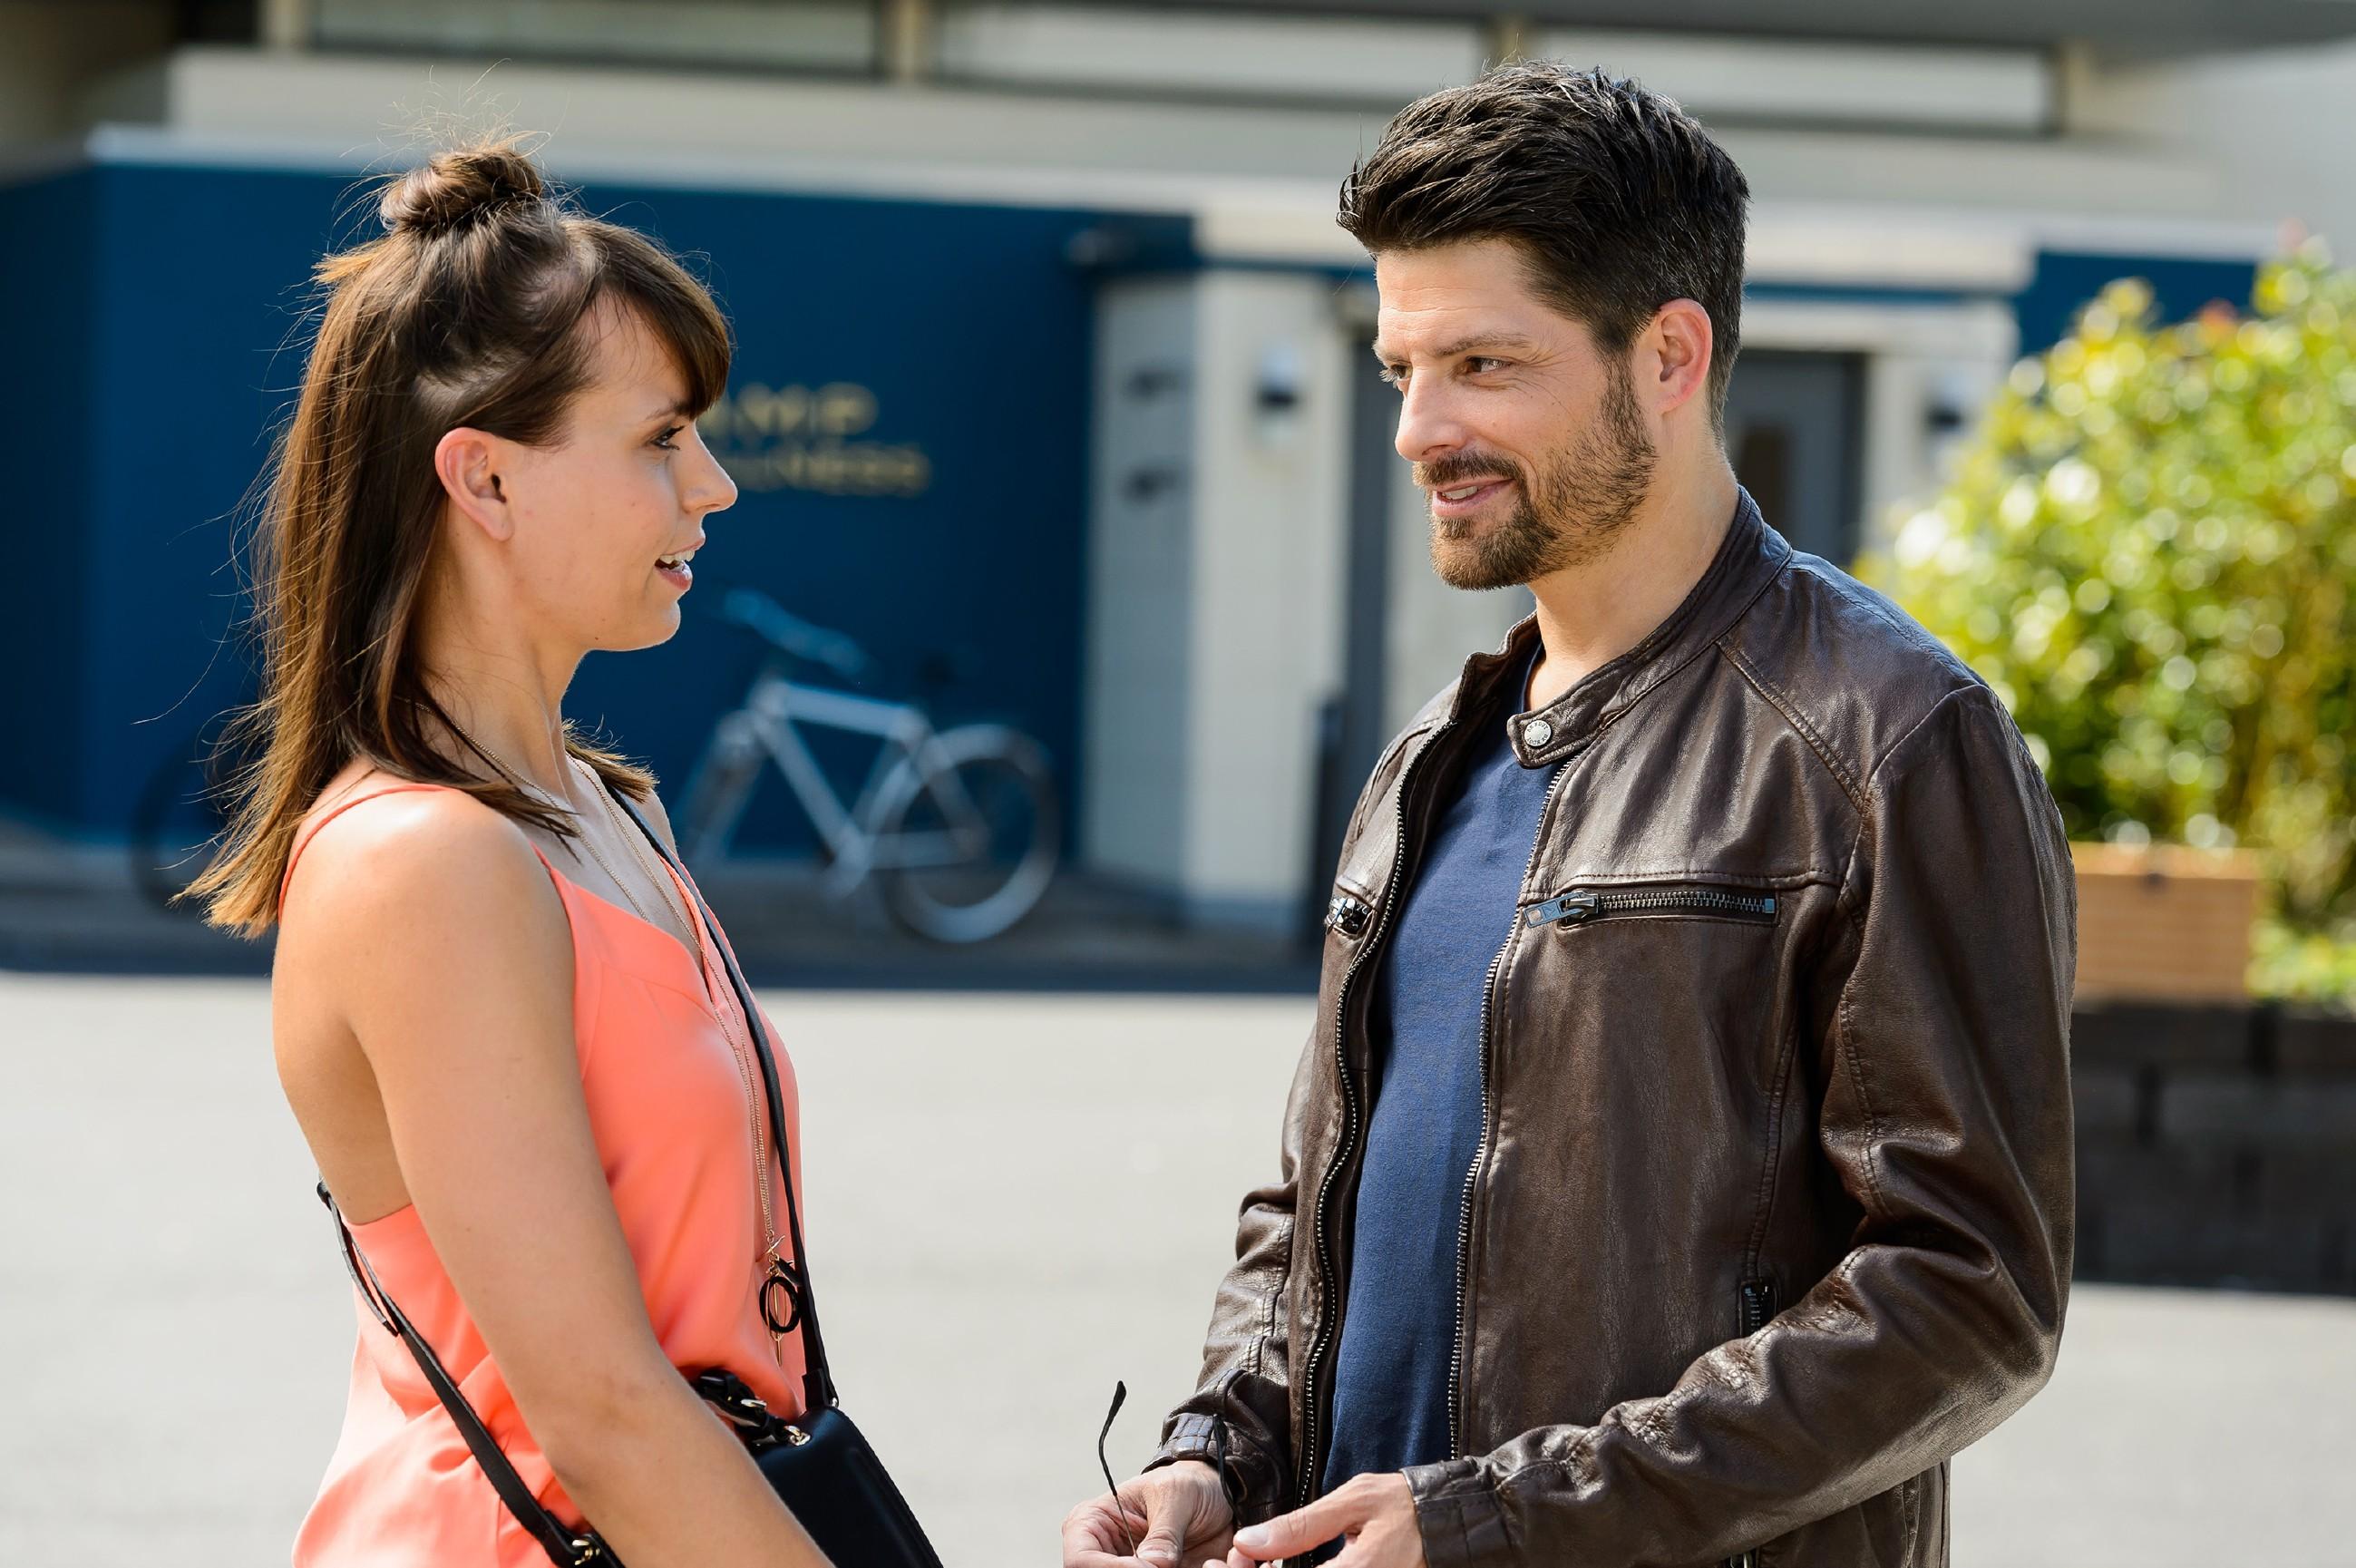 Michelle (Franziska Benz) lässt sich zögerlich darauf ein, ihren Vater Vincent (Daniel Buder) näher kennenzulernen.